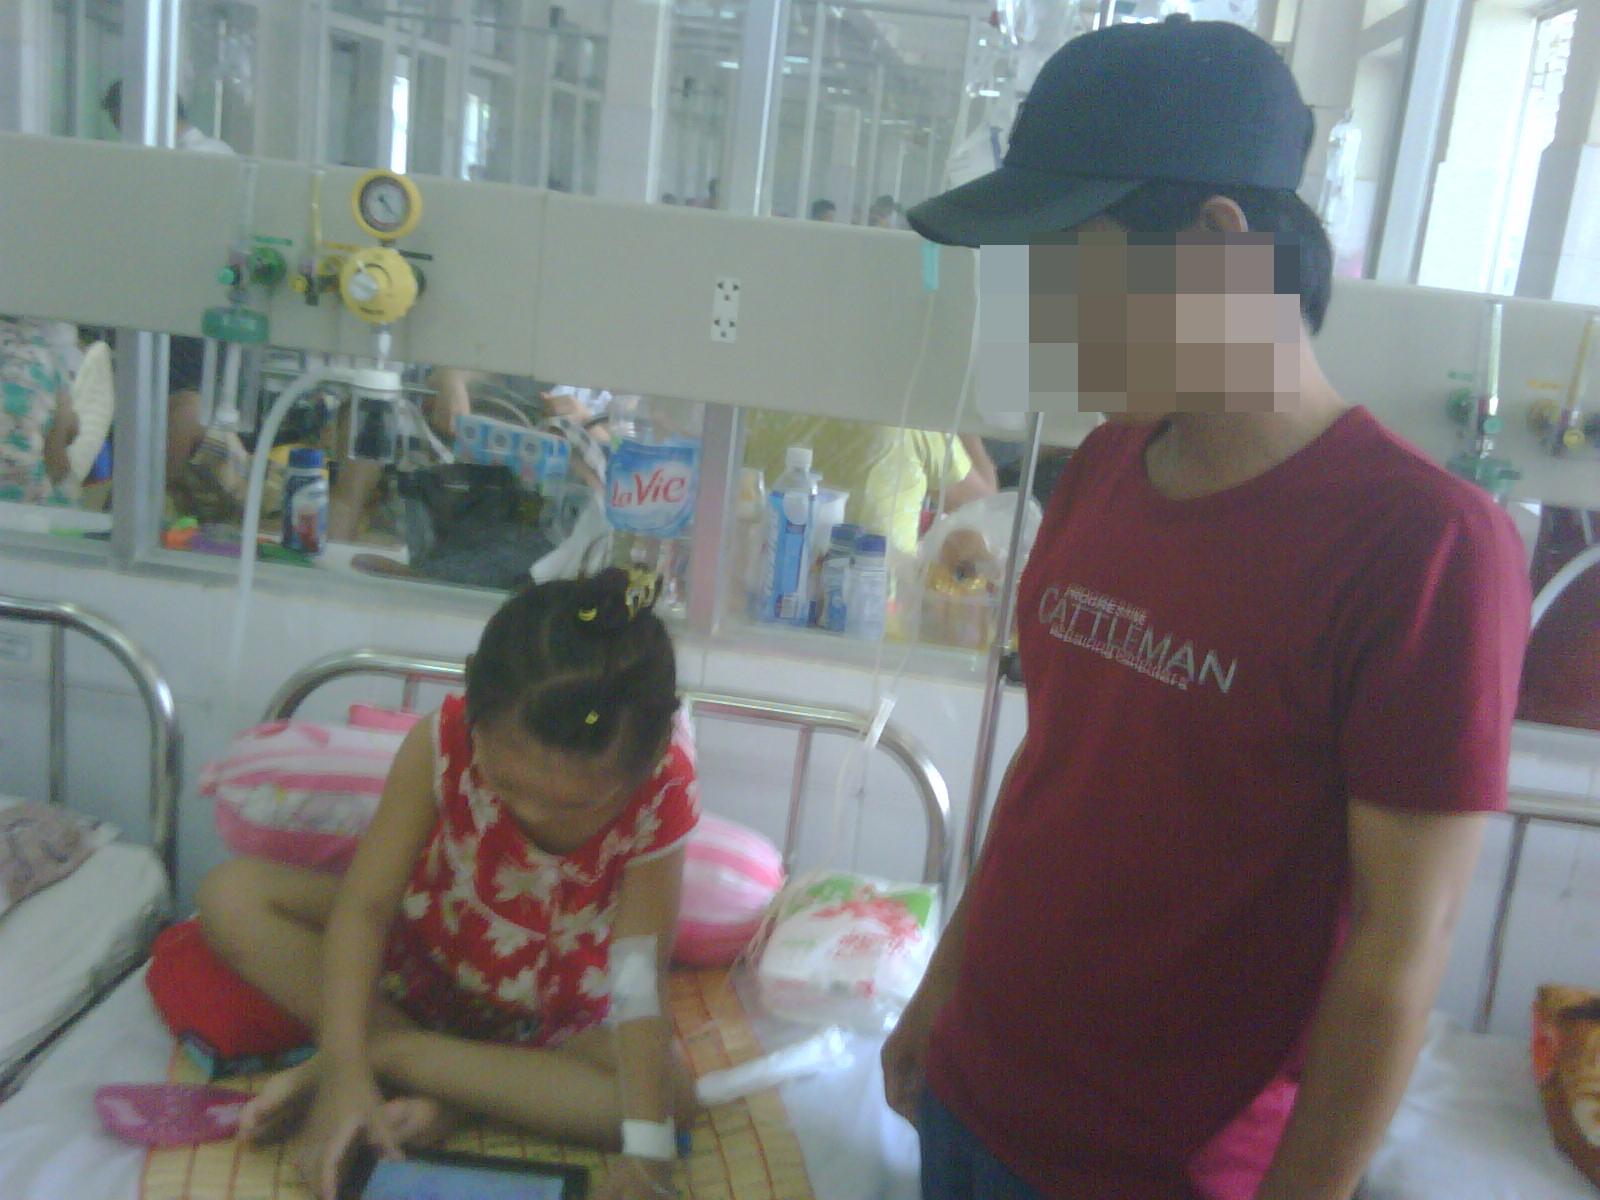 Từ ngày bị nạn, cha cả tháng qua ứng trực bệnh viện chăm sóc chị, còn mẹ thì ở quê chăm đứa em.